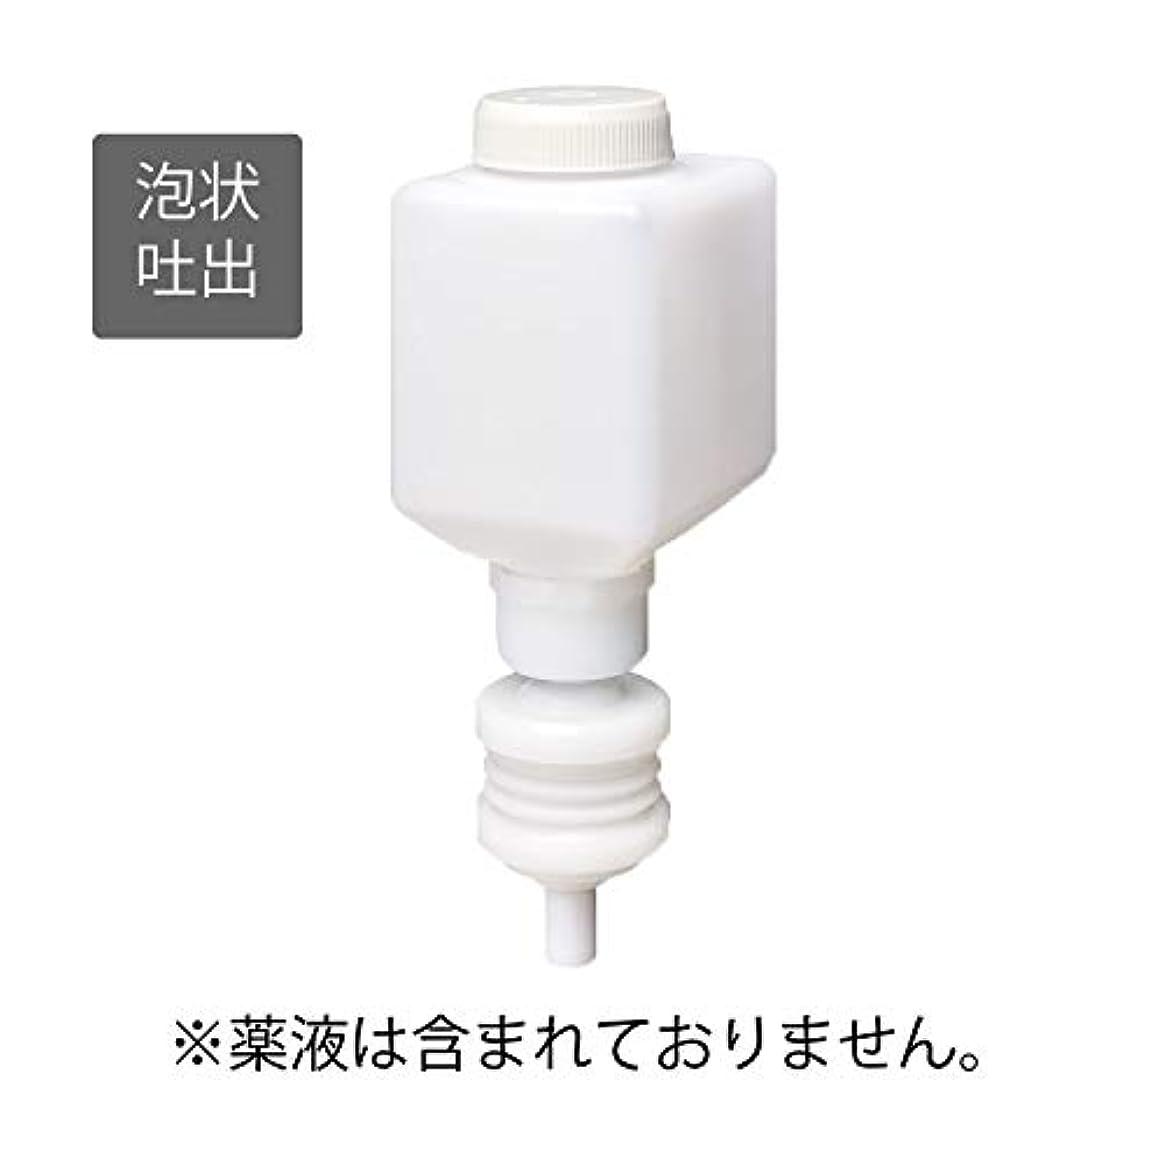 コレクション政治家家族サラヤ カートリッジボトル 石けん液泡タイプ用 250ml MD-300